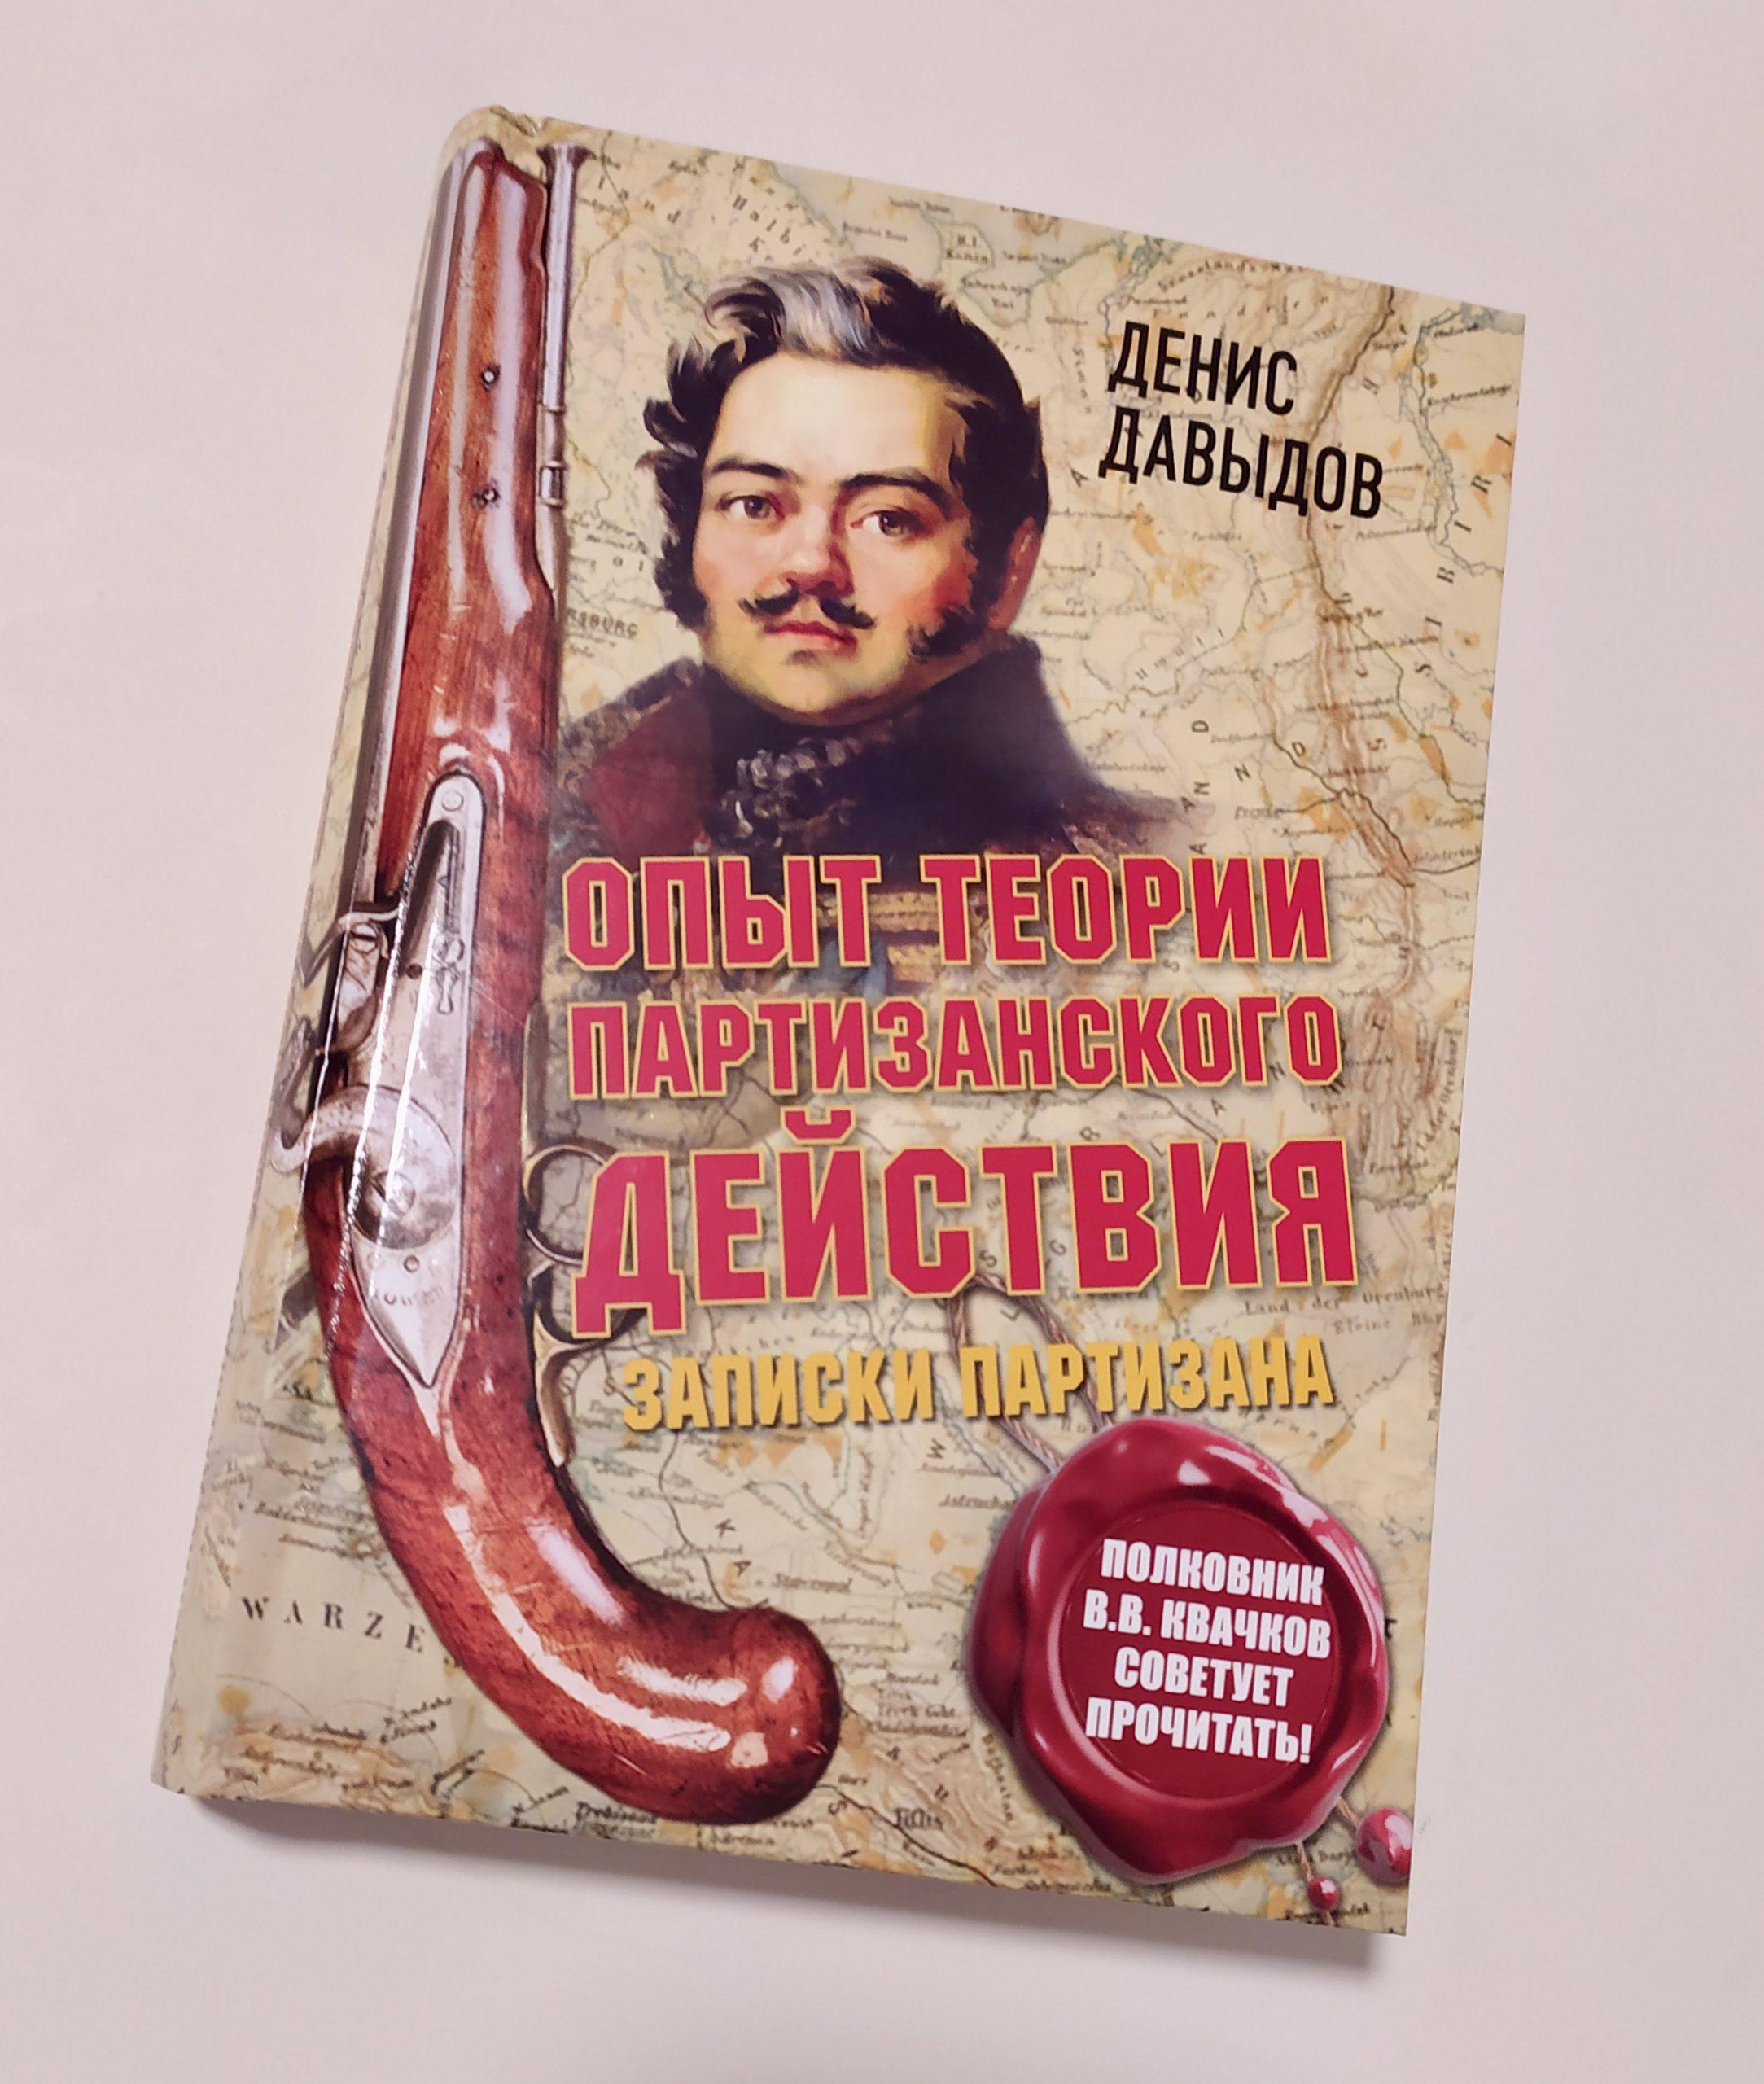 Методы партизанской борьбы в России актуальны и 200 лет спустя! 😊